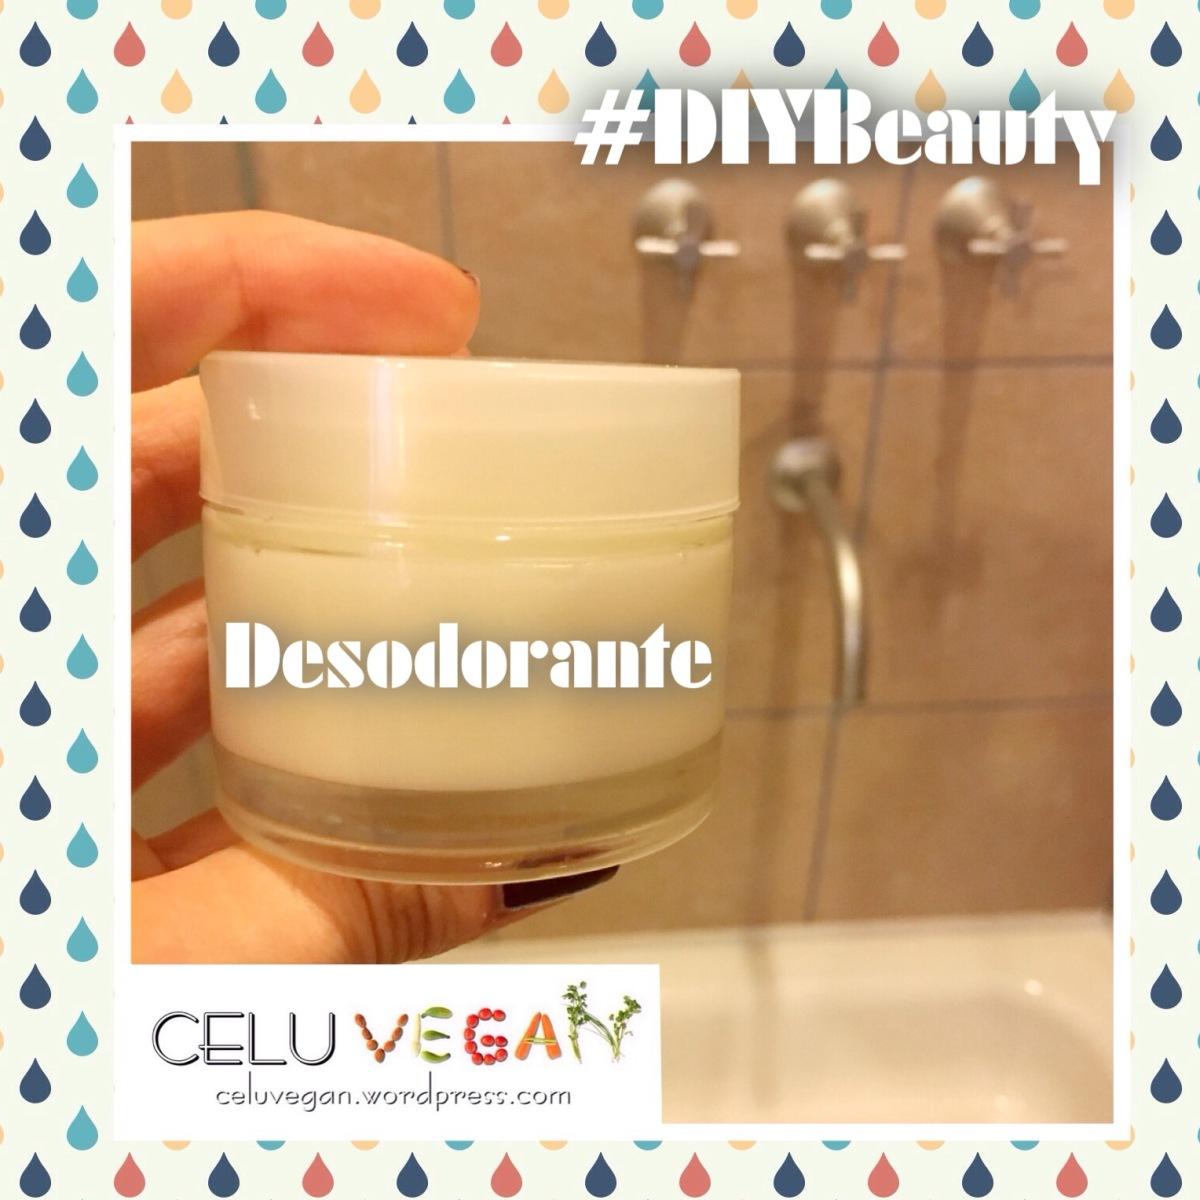 #DIYBeauty: Desodorante